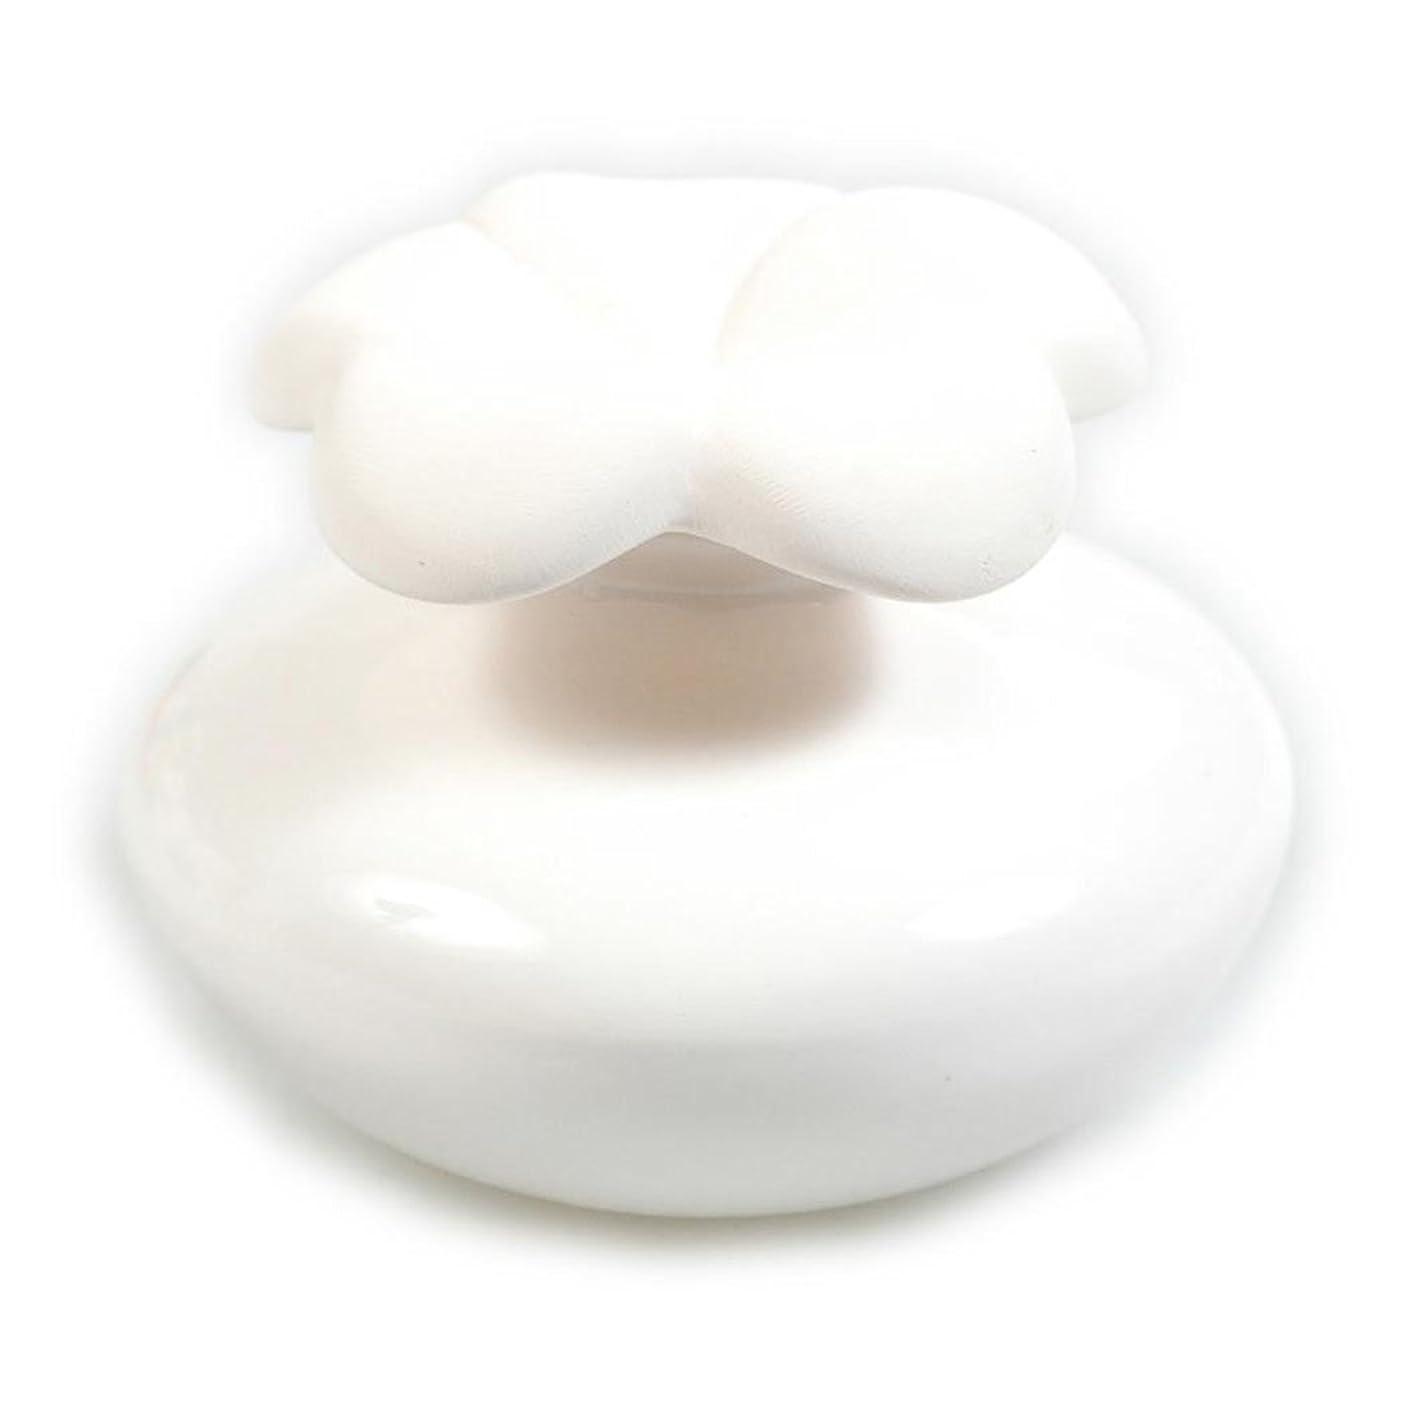 ラップ池選出するMillefiori FIORE ルームフレグランス用 花の形のセラミックディフューザー Sサイズ ホワイト LDIF-FS-001